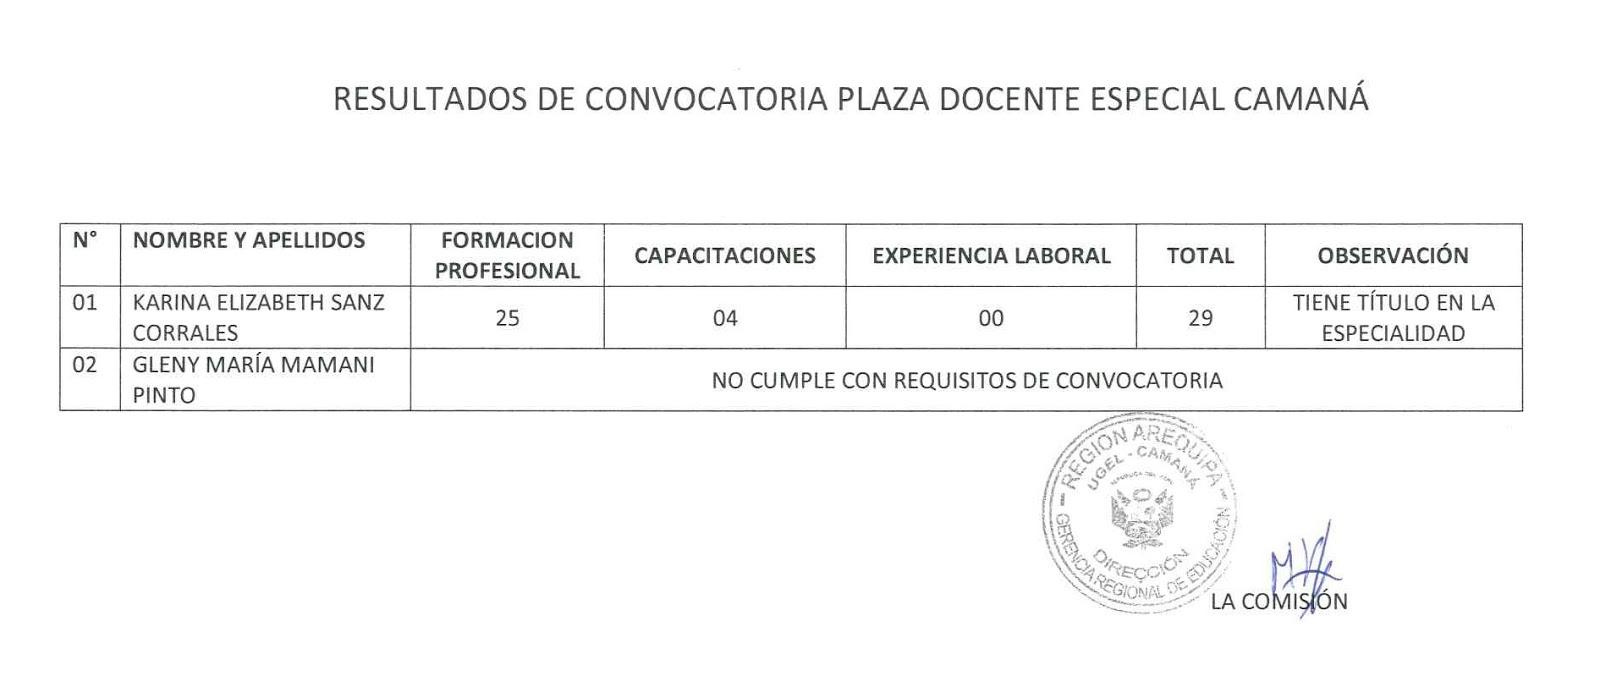 Resultado de la convocatoria para plaza docente especial for Convocatoria para plazas docentes 2016